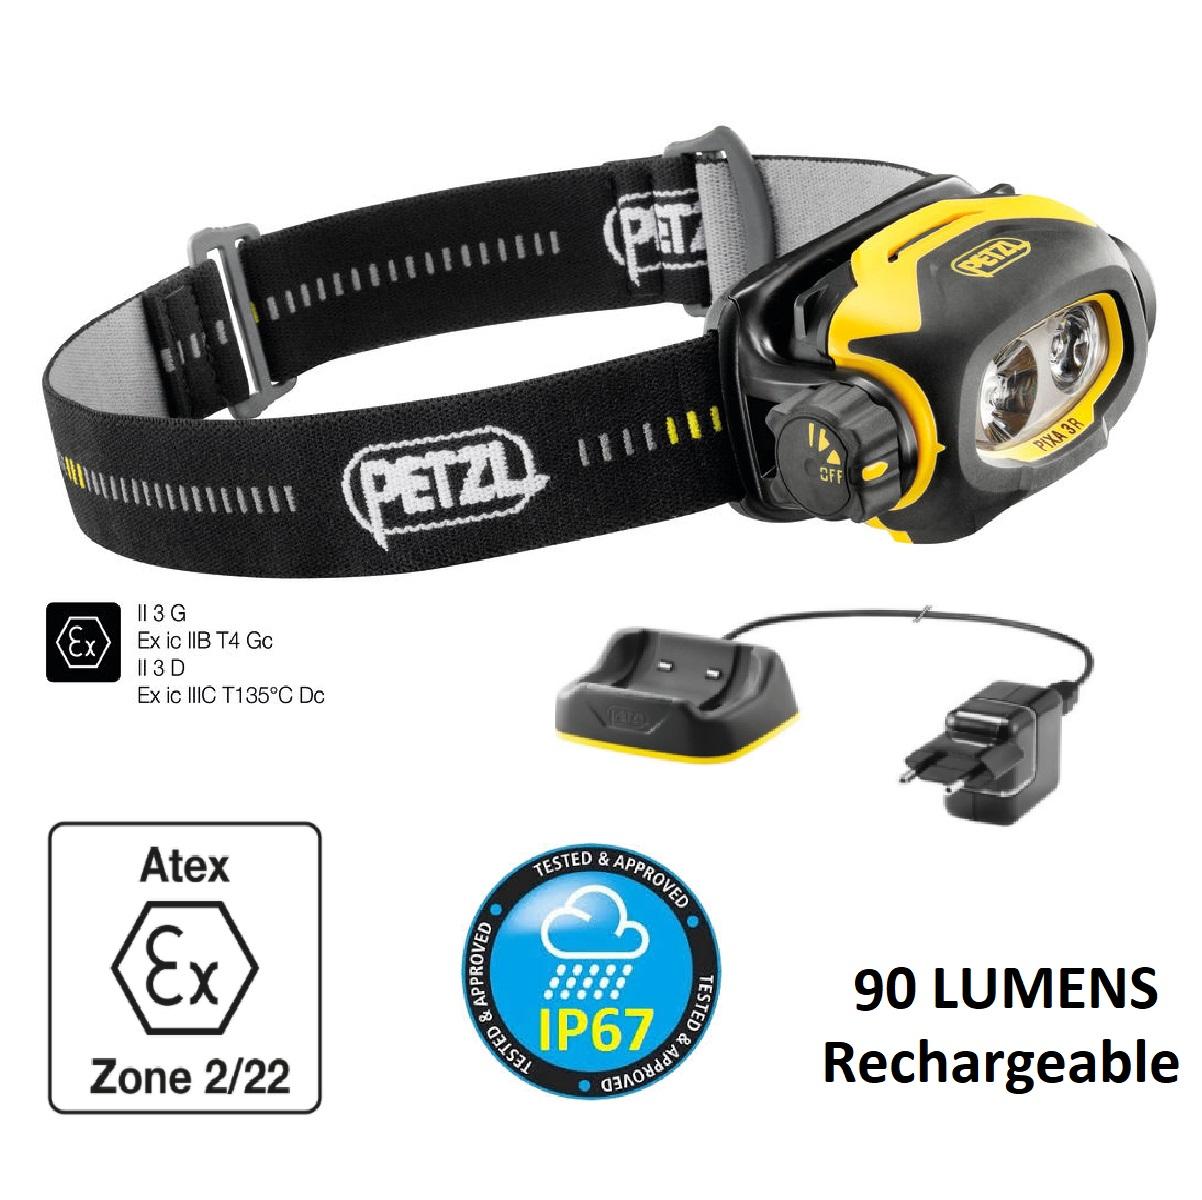 Petzl PIXA® 3R LED 90 Lumens ATEX Hazardous Environment Headlamp Rechargeable